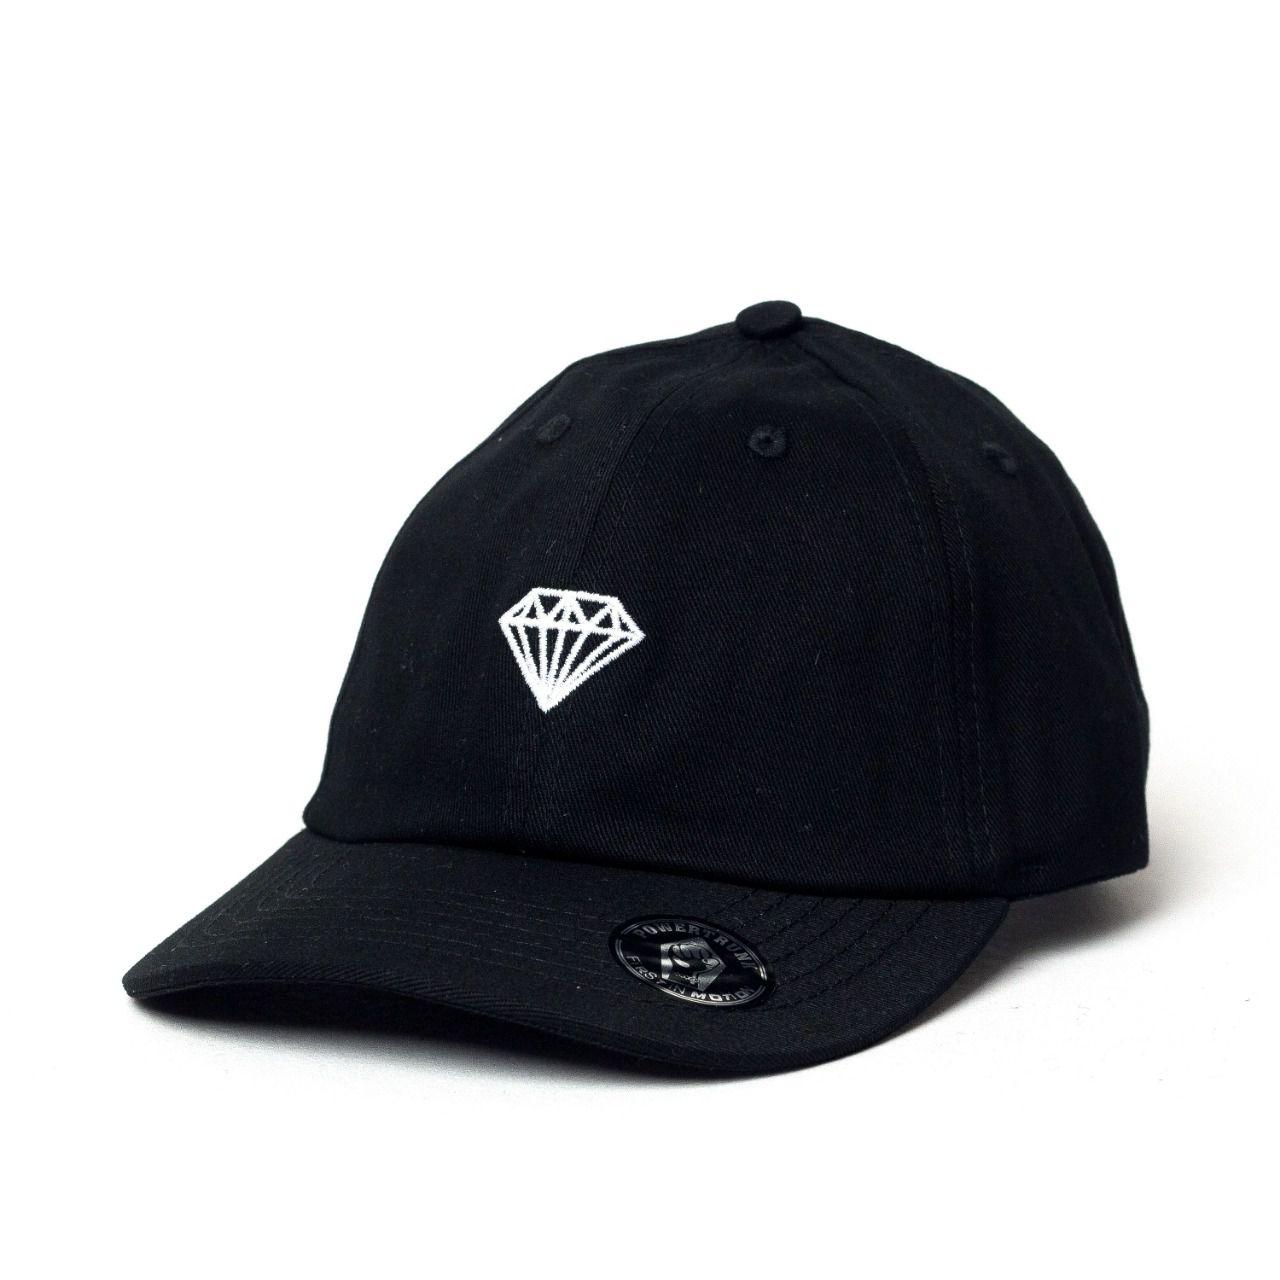 Boné Power Trunk Aba Curva Dad Hat Diamante